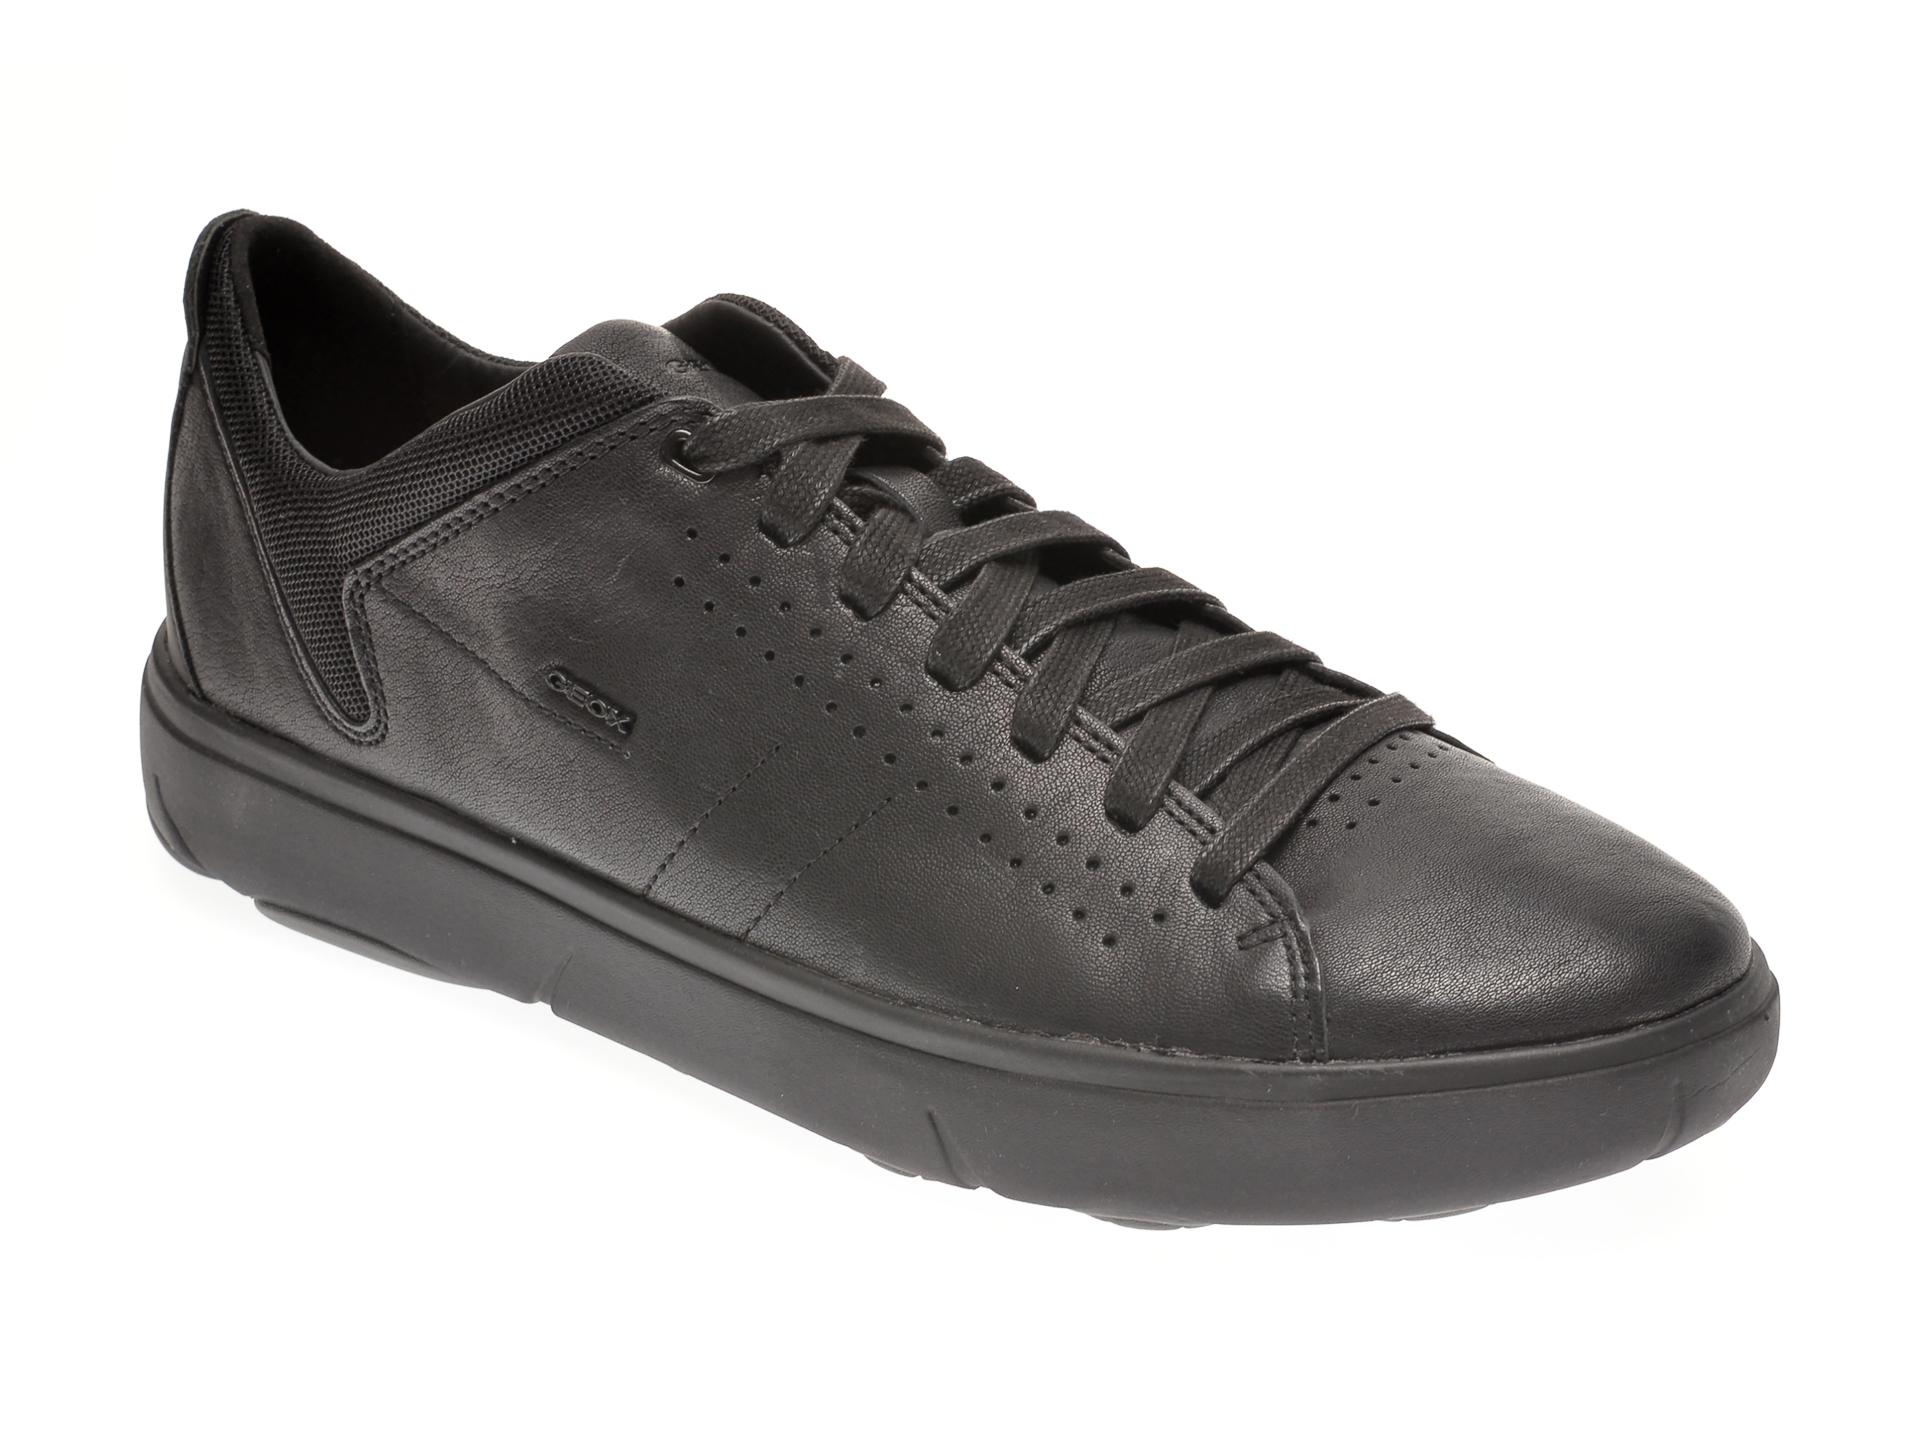 Pantofi GEOX negri, U948FA, din piele naturala